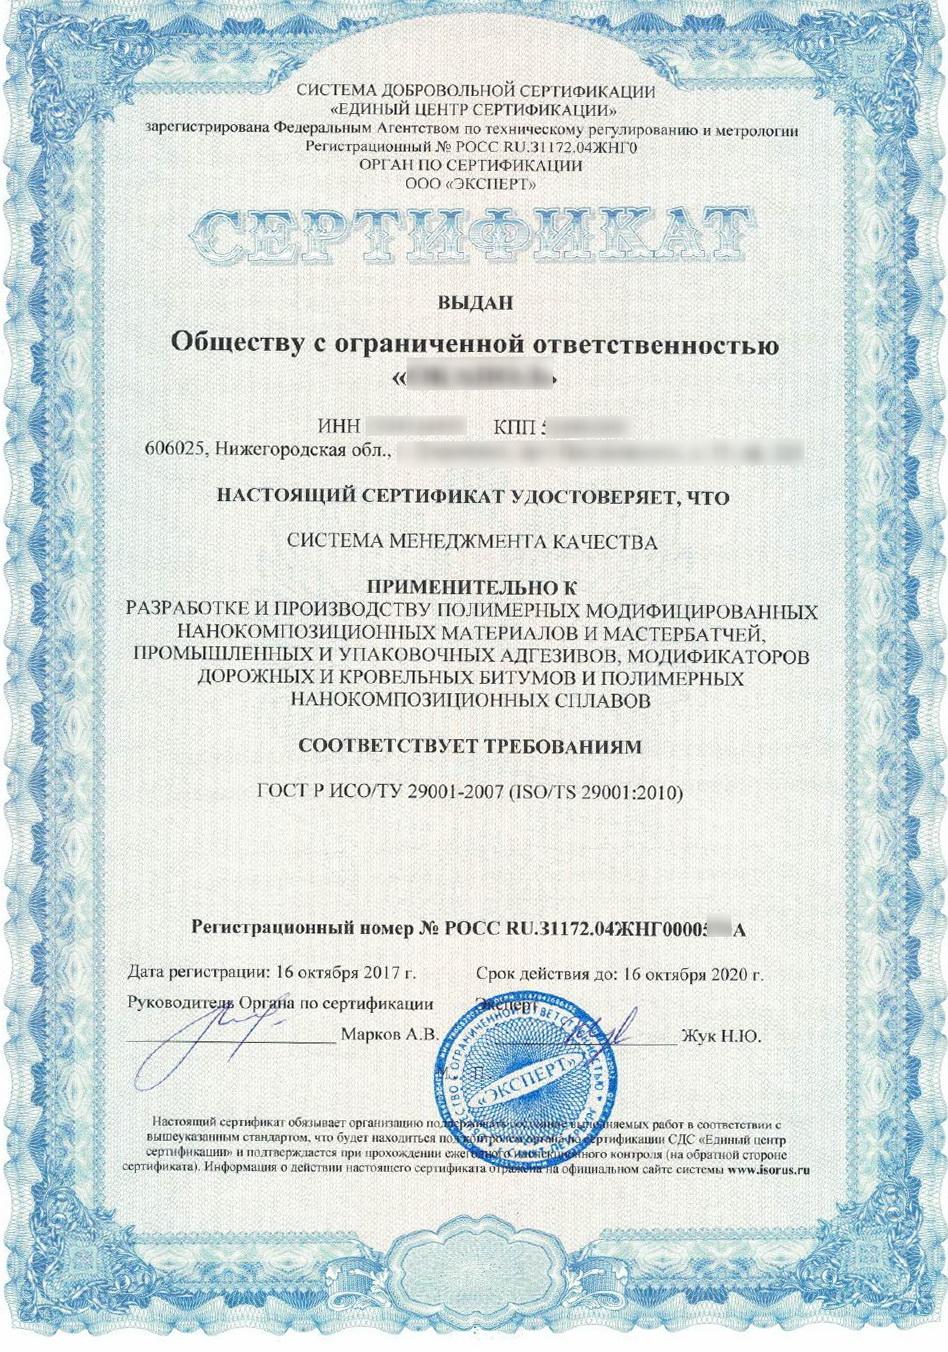 Сертификат ISO 29001 образец